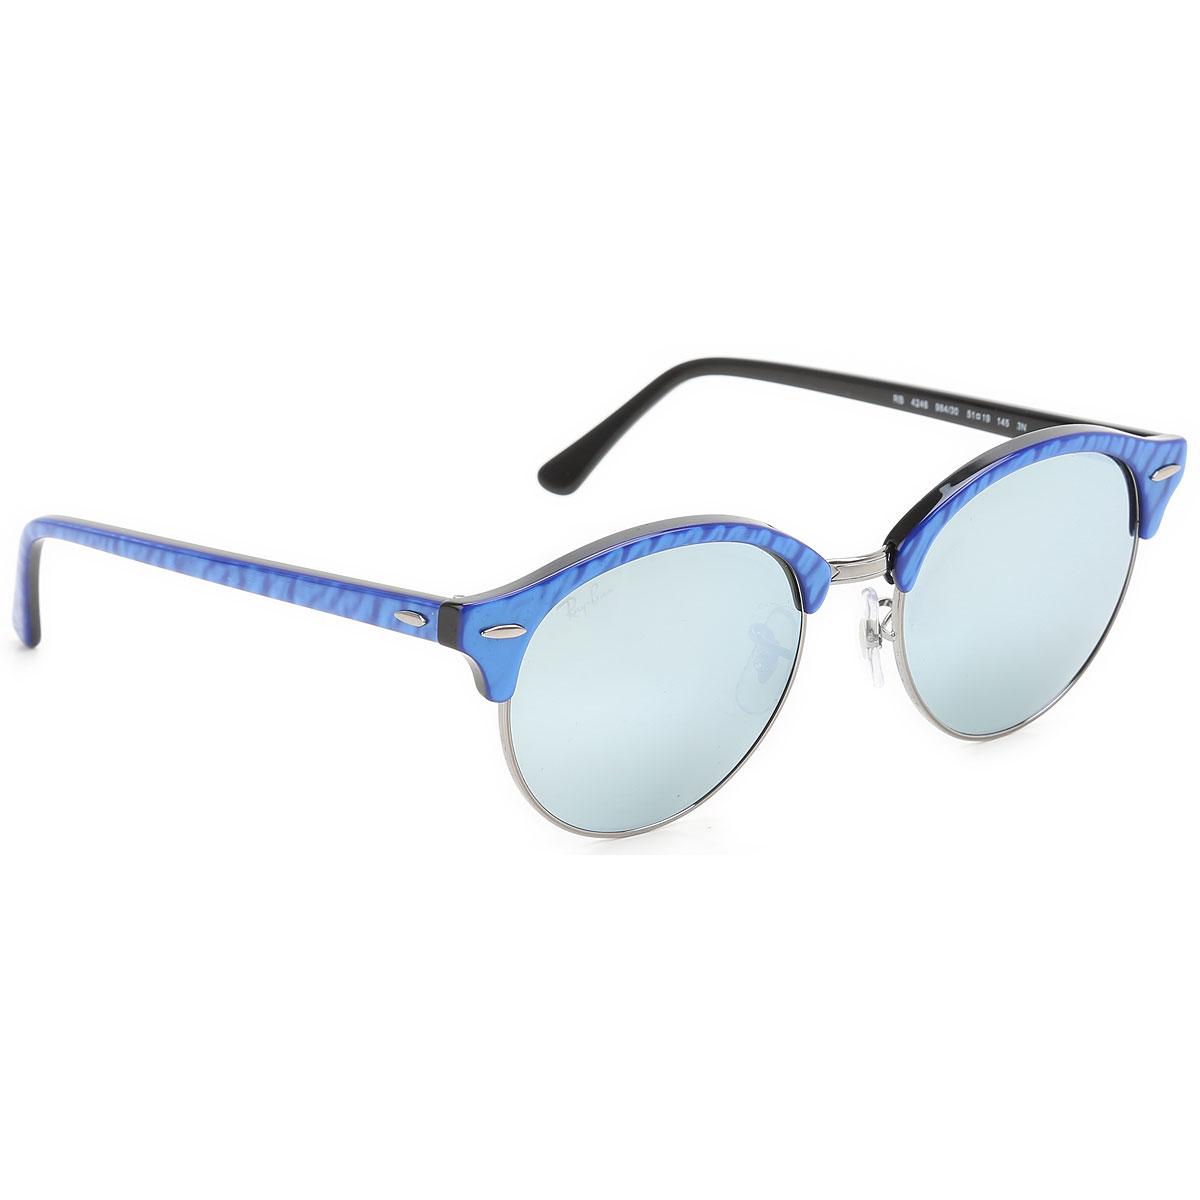 Ray Ban Sunglasses On Sale, 2017 USA-363119